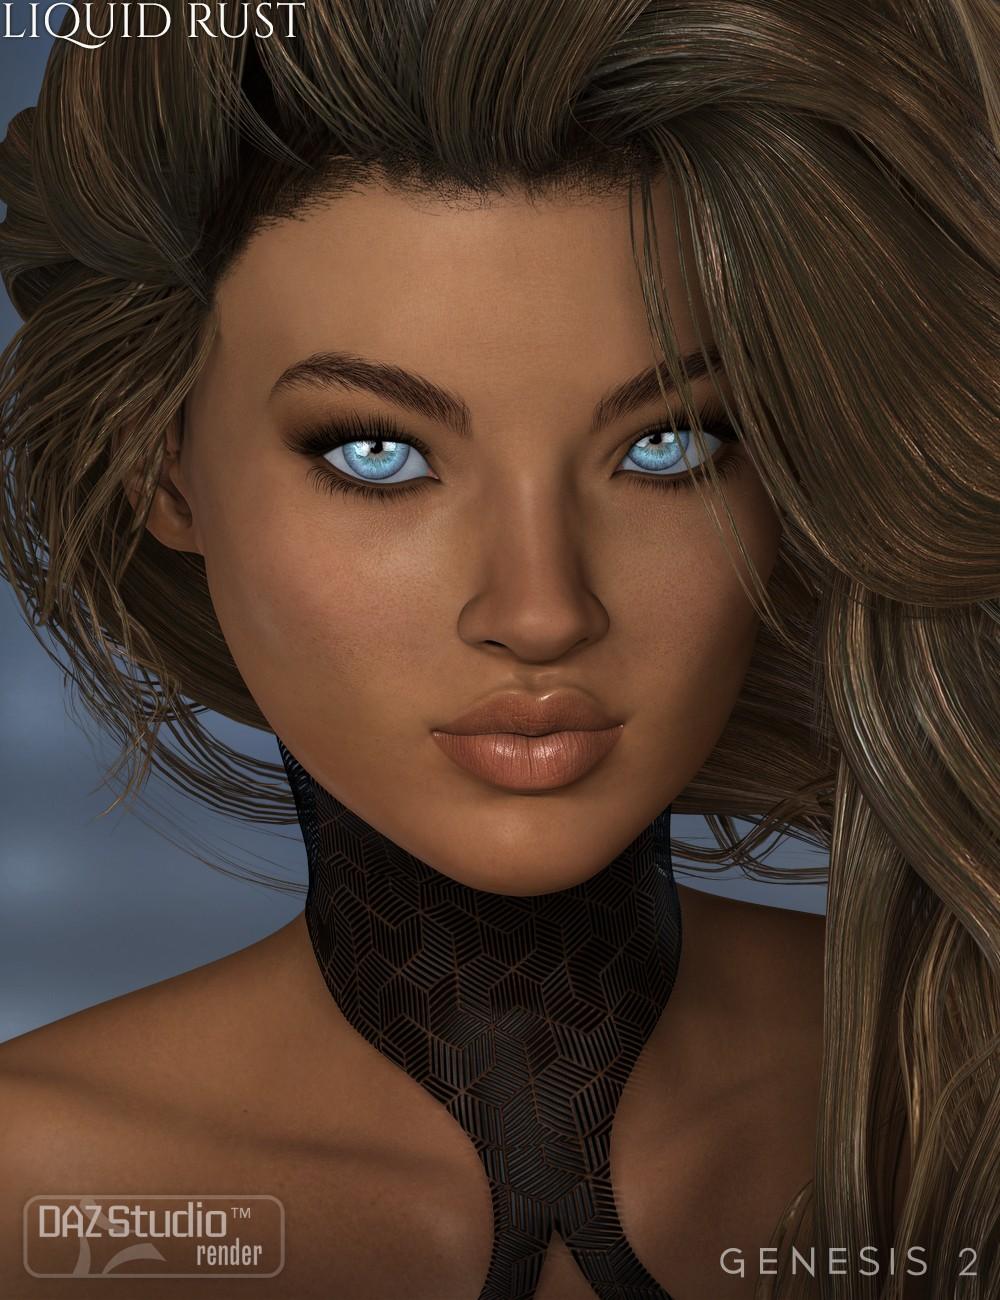 Daz 3D, Poser Bundle 5 July 2020 | GFX-HUB